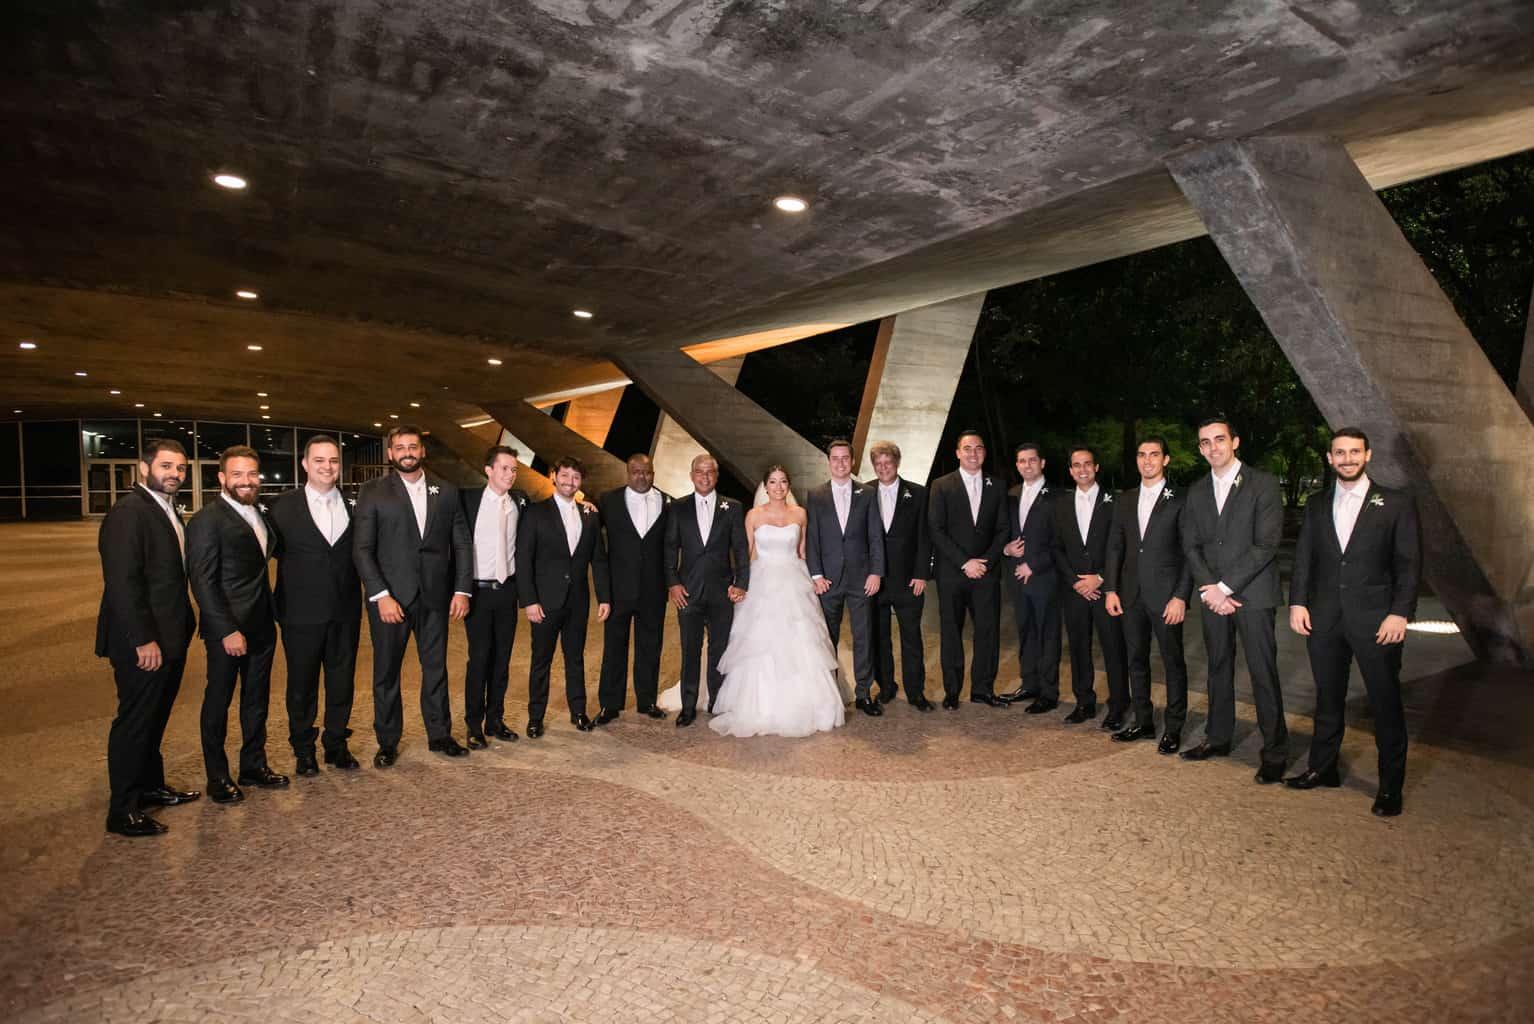 casamento-Karynna-e-Fernando-cerimonial-TCD-Eventos-festa-no-MAM-fotografia-Marina-Fava97